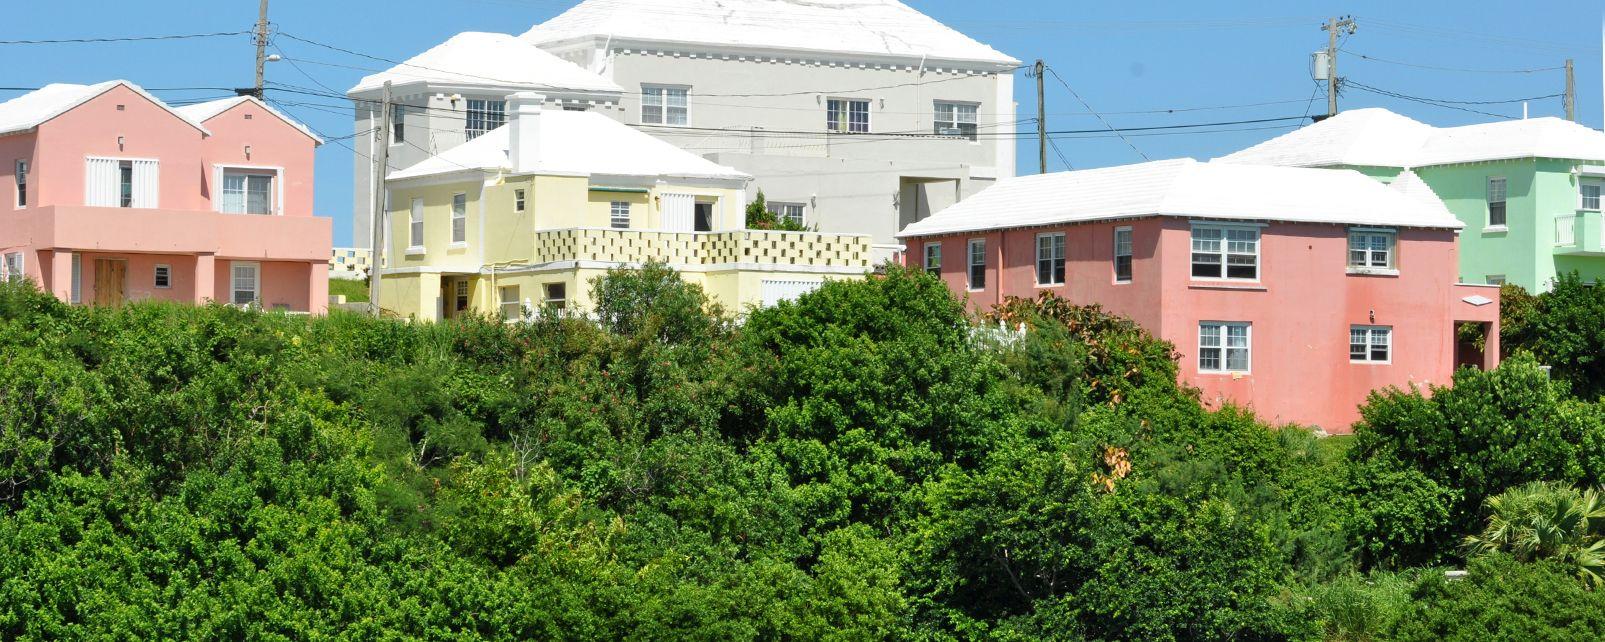 La exuberante vegetación , La iglesia de Saint George en las Bermudas , Bermudas